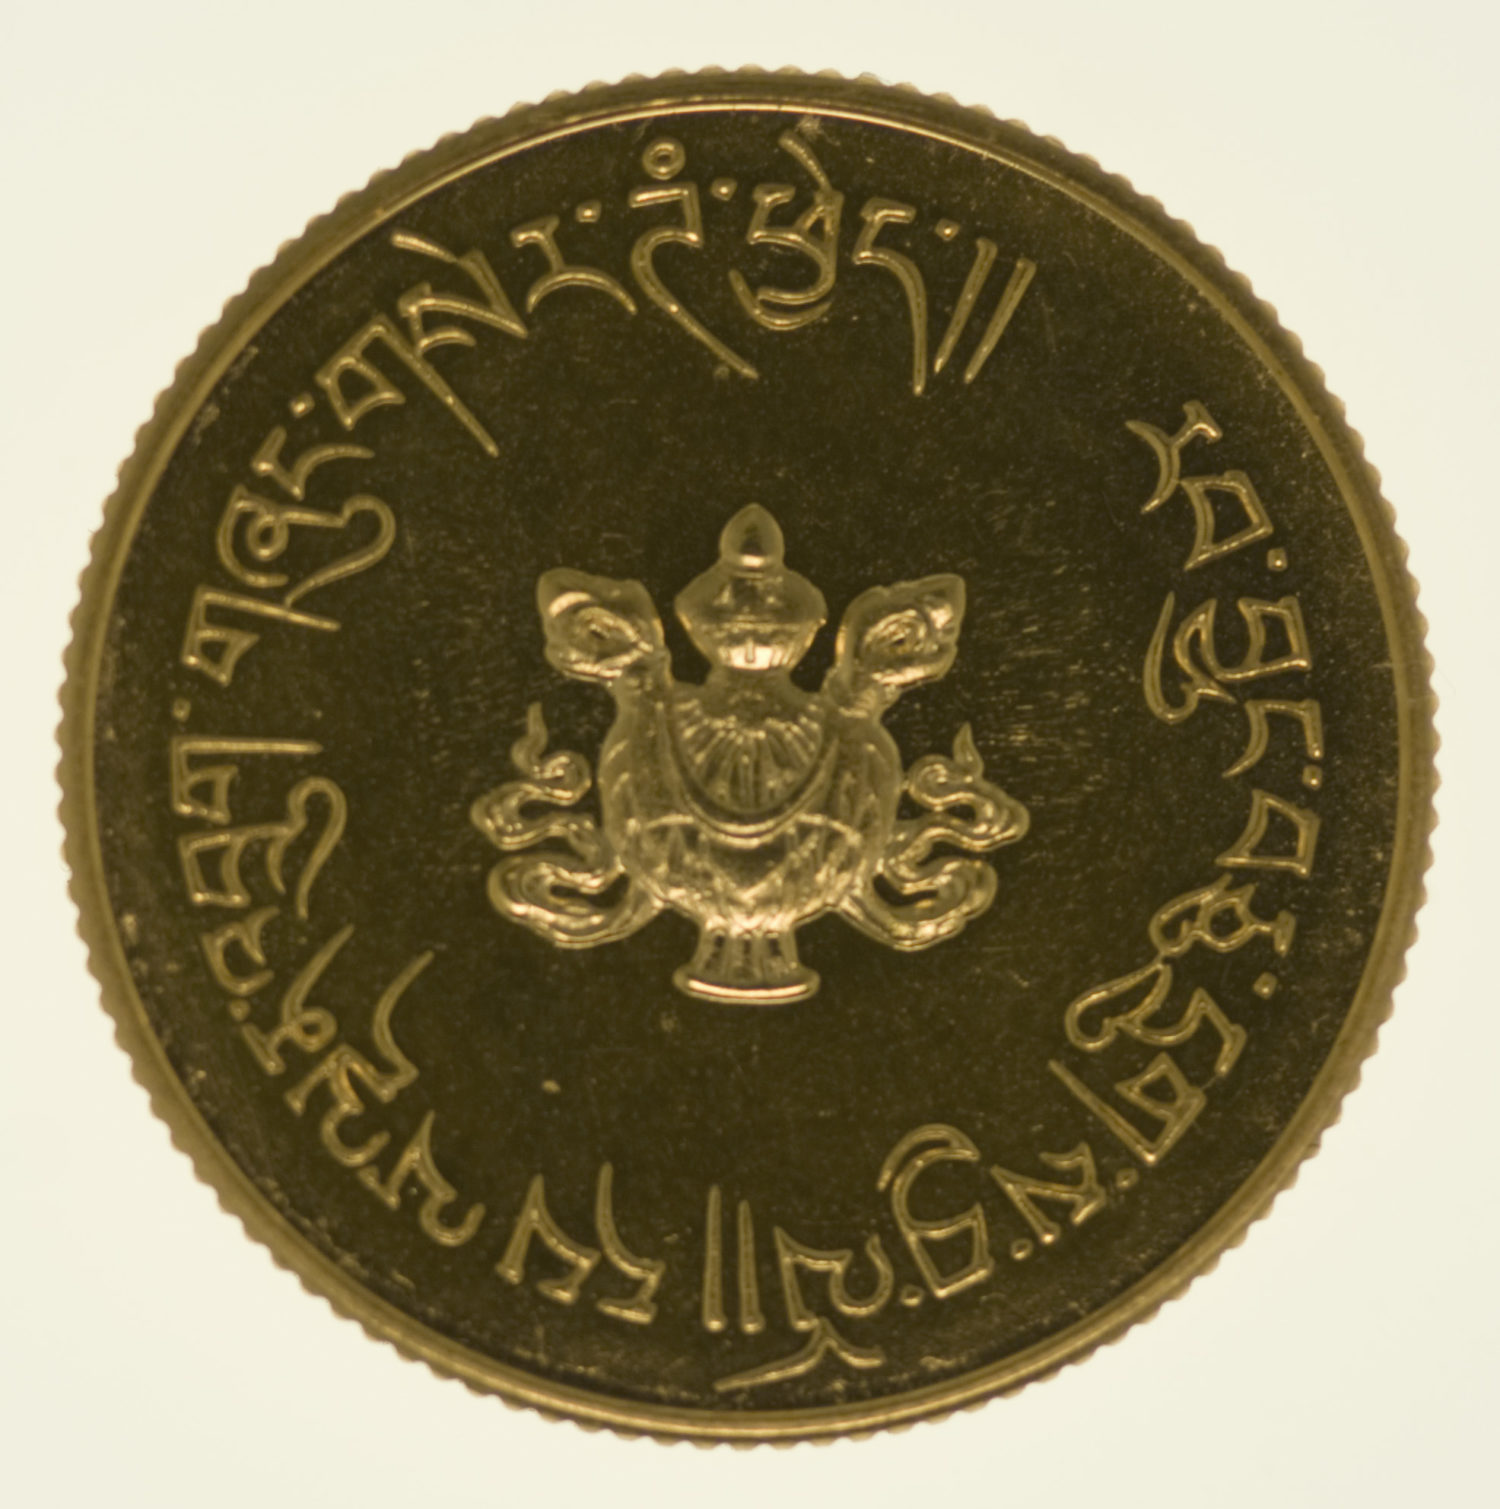 bhutan - Bhutan Jigme Dorji Wangchuck Sertum 1970